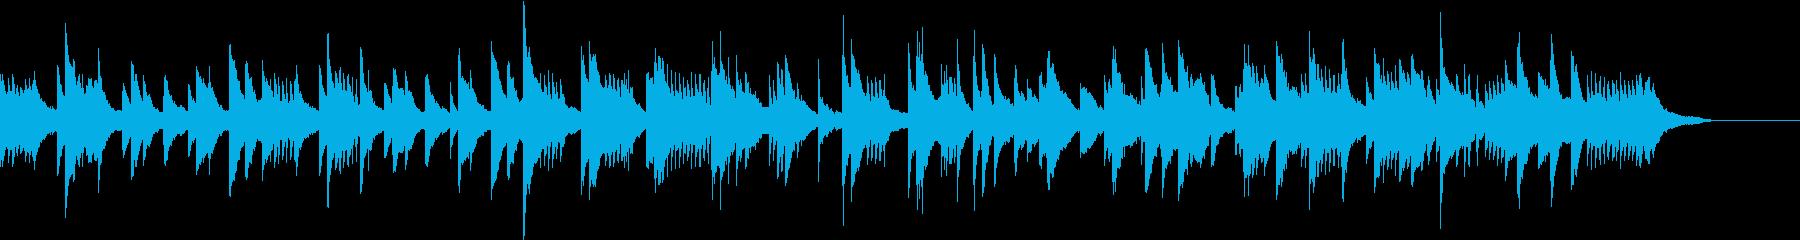 無機質なドキュメンタリー系ピアノ曲の再生済みの波形